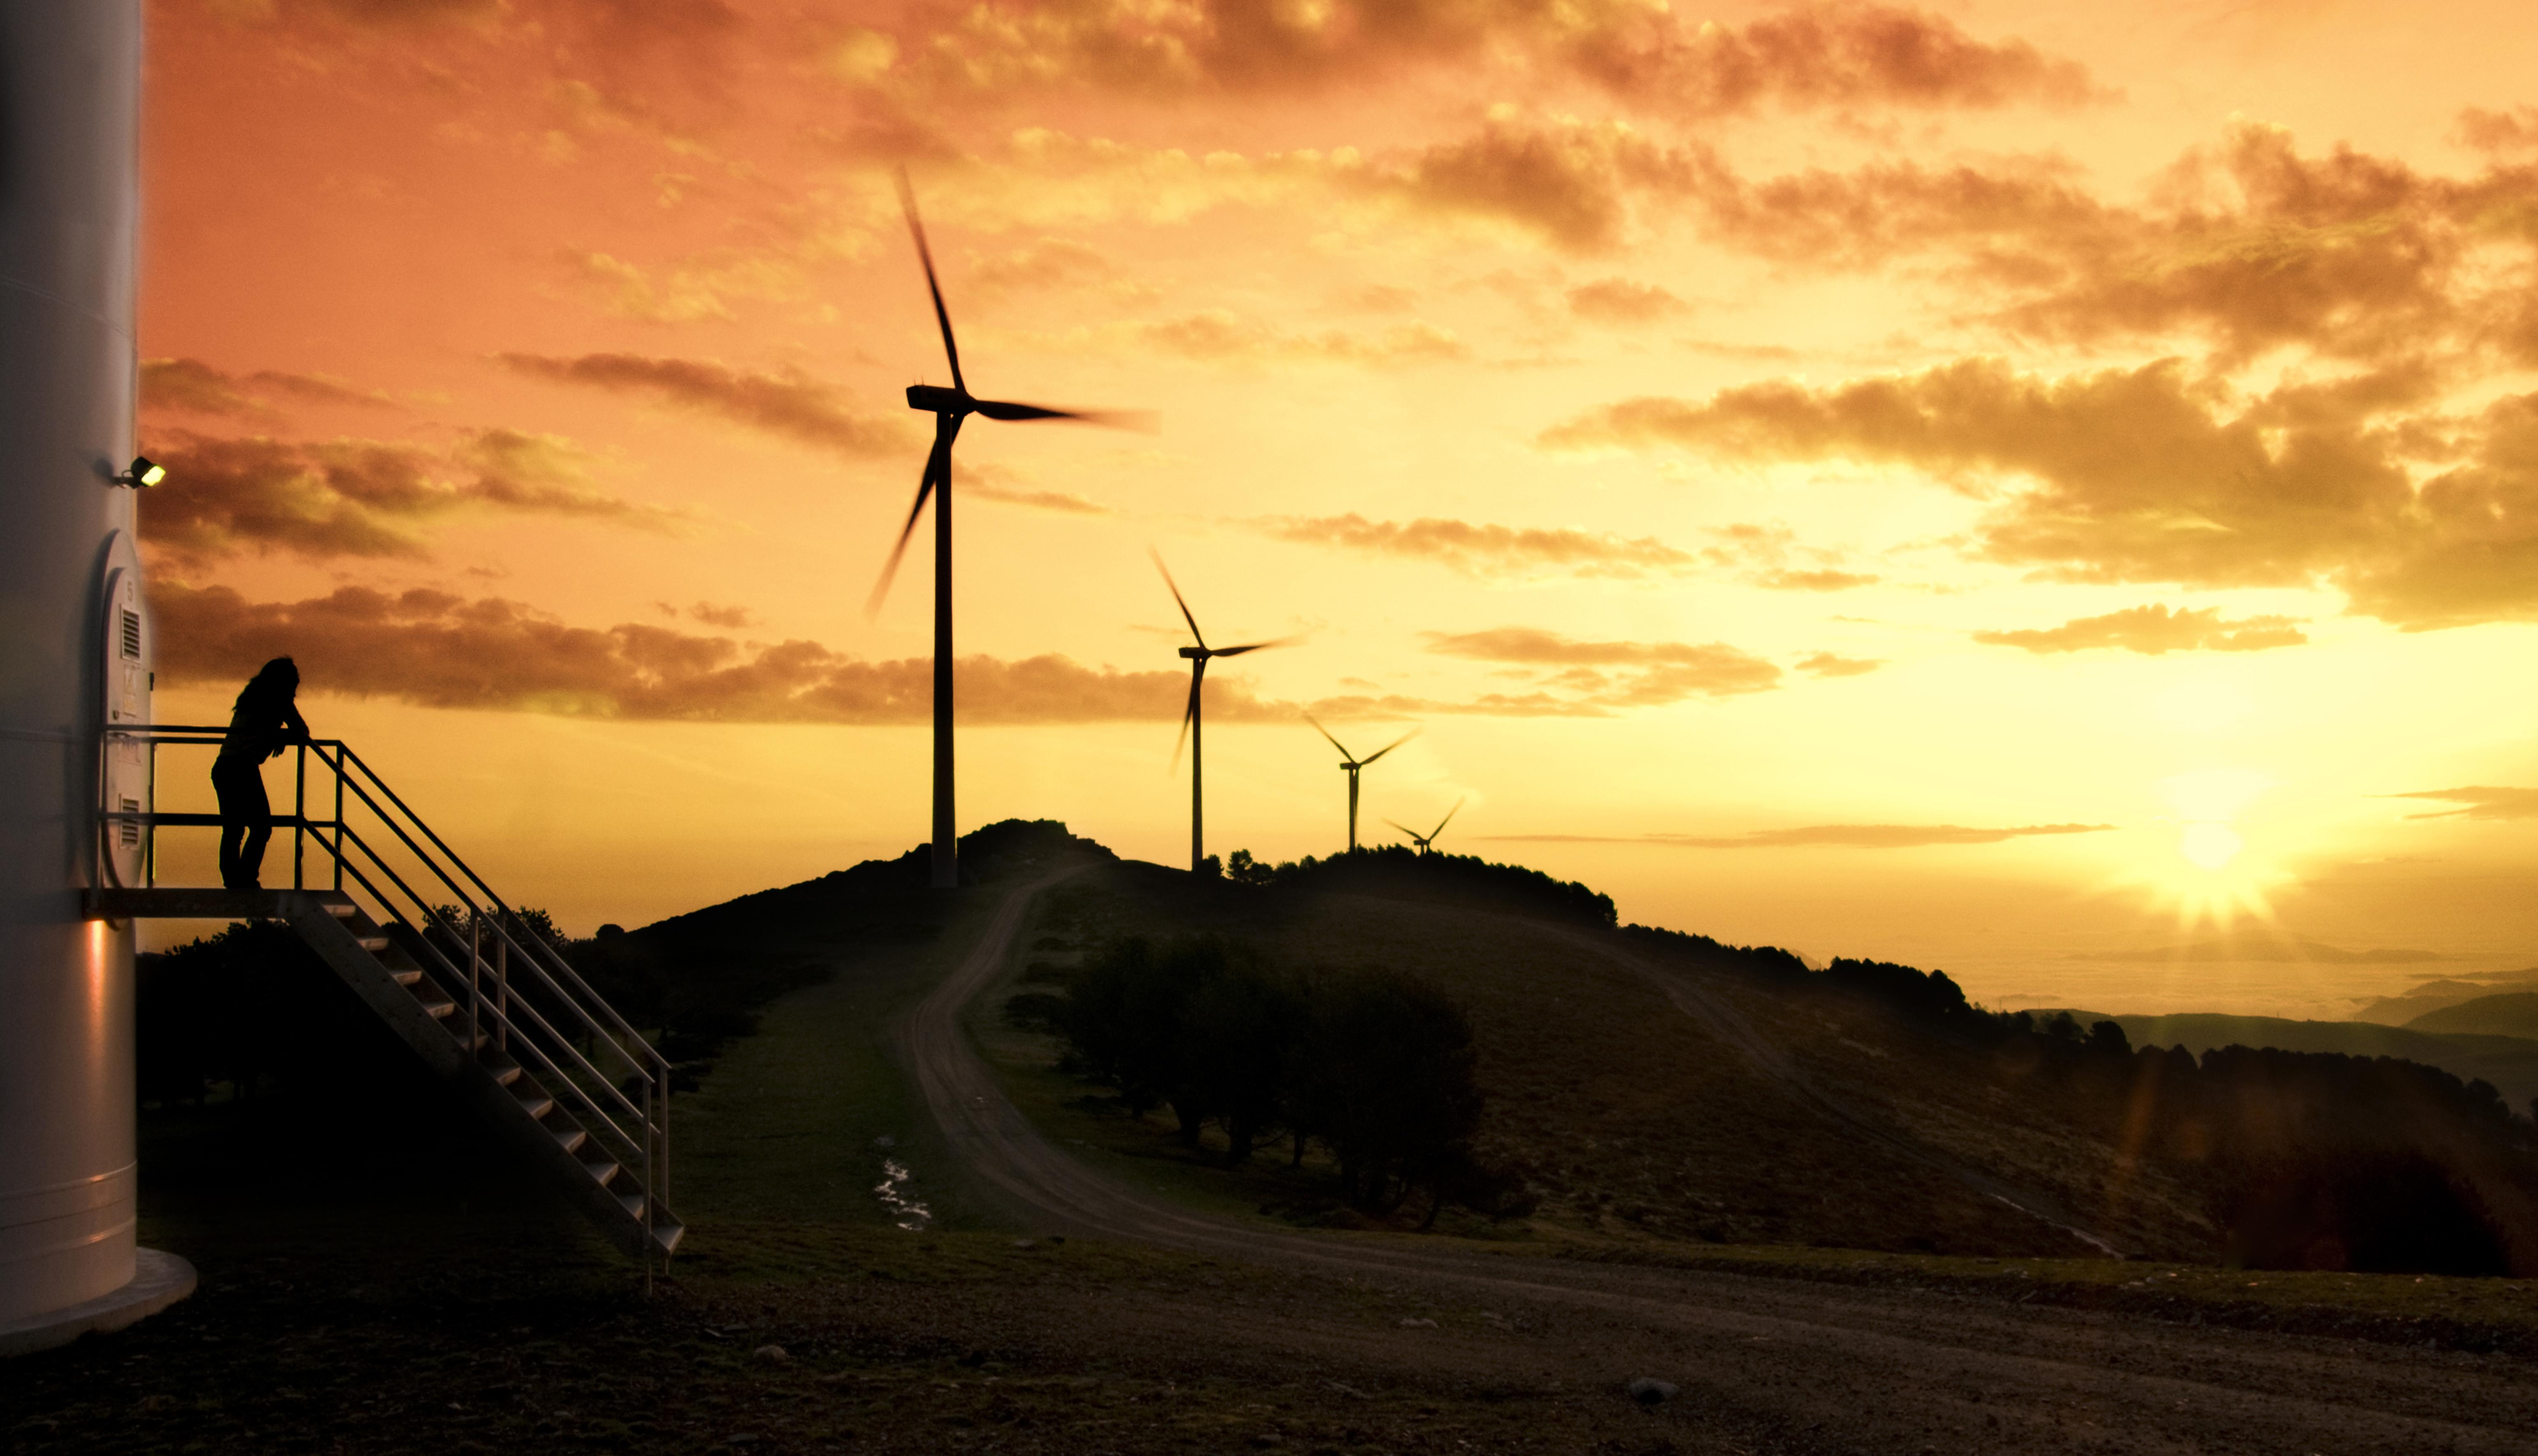 La eólica bate un nuevo récord al aportar el 64% de la electricidad